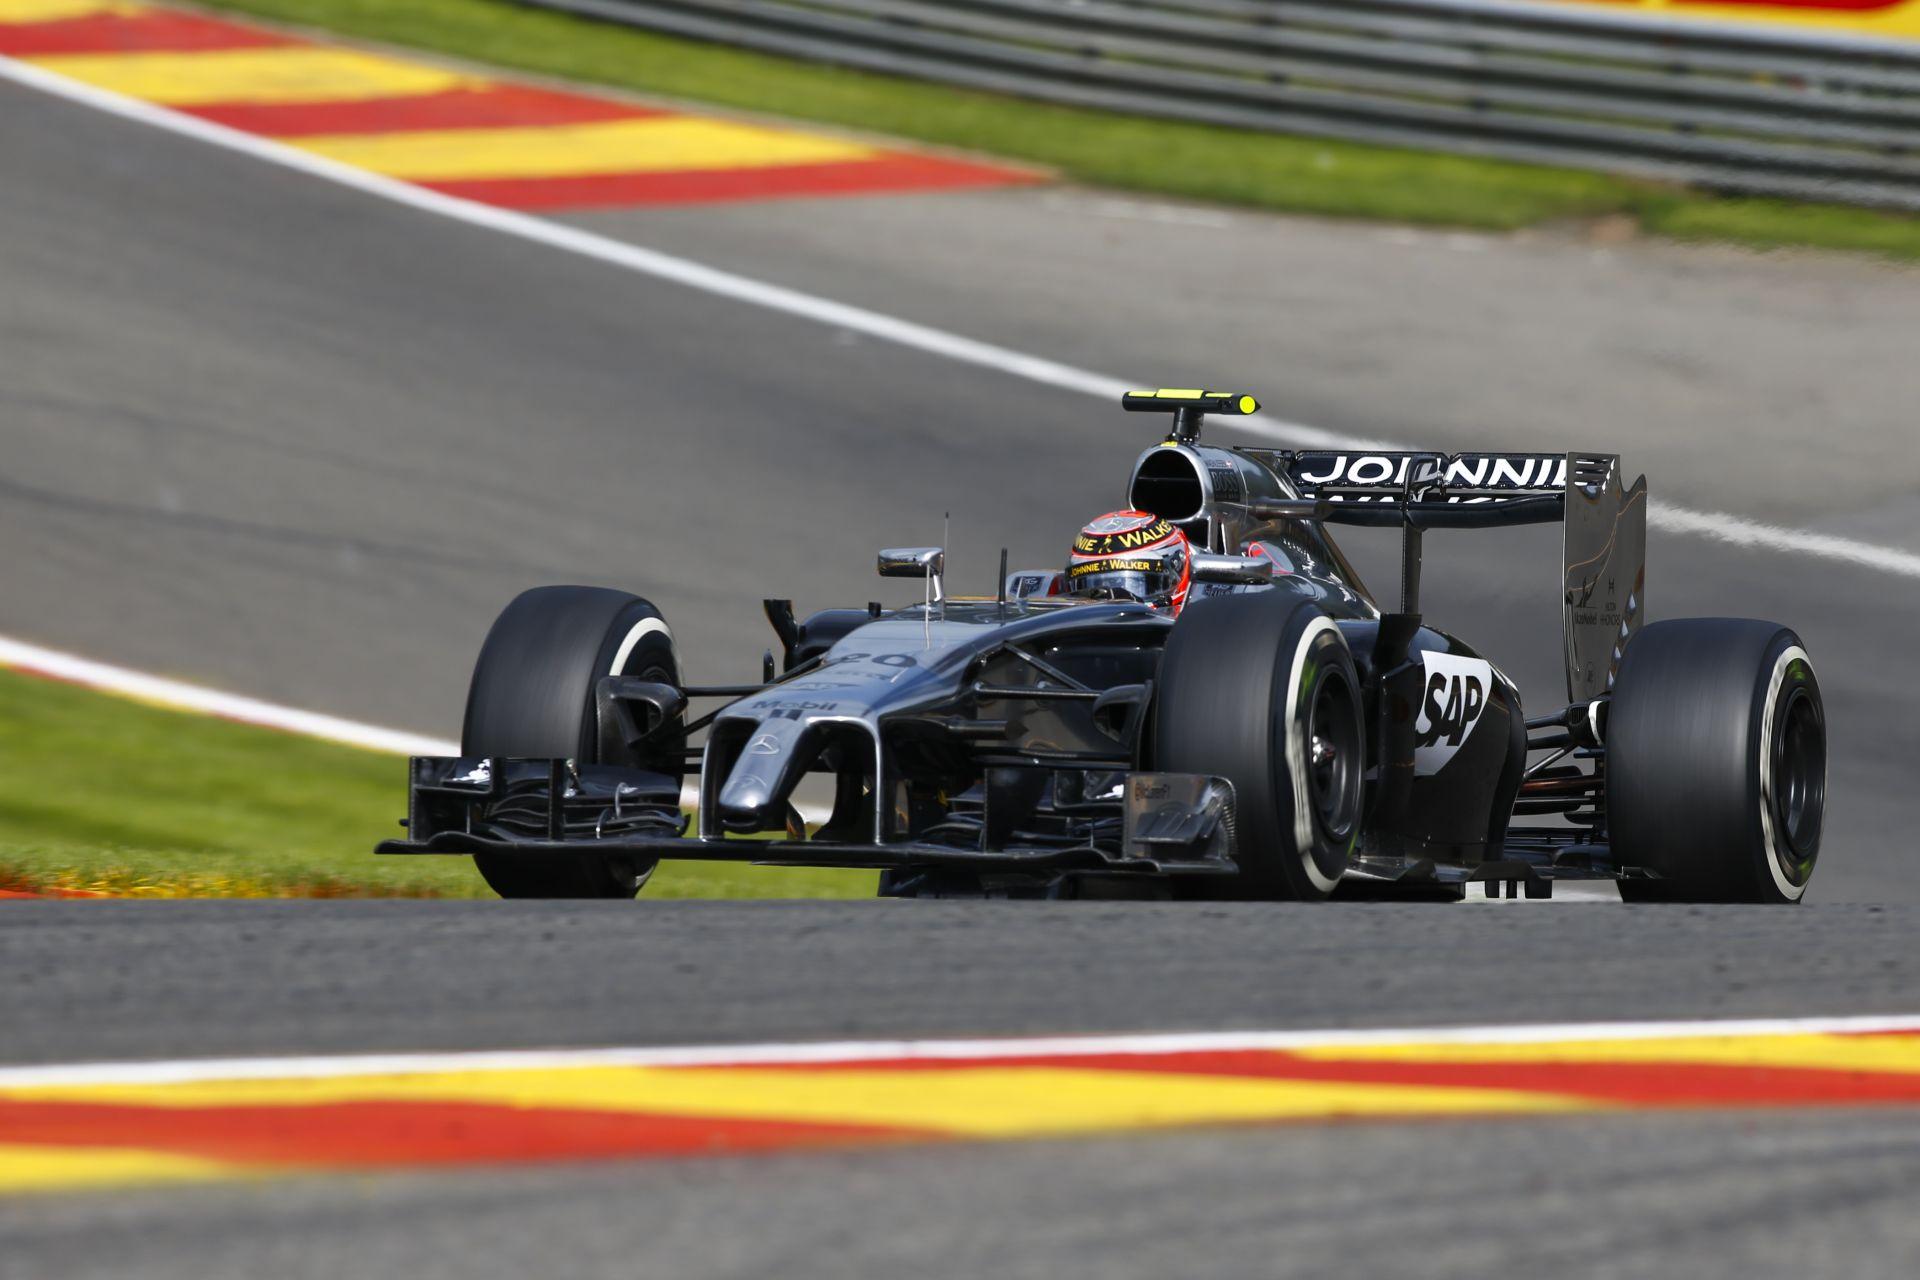 Fernando Alonso ellen nem éri meg szórakozni: Magnussen 20 másodperces időbüntetést kapott